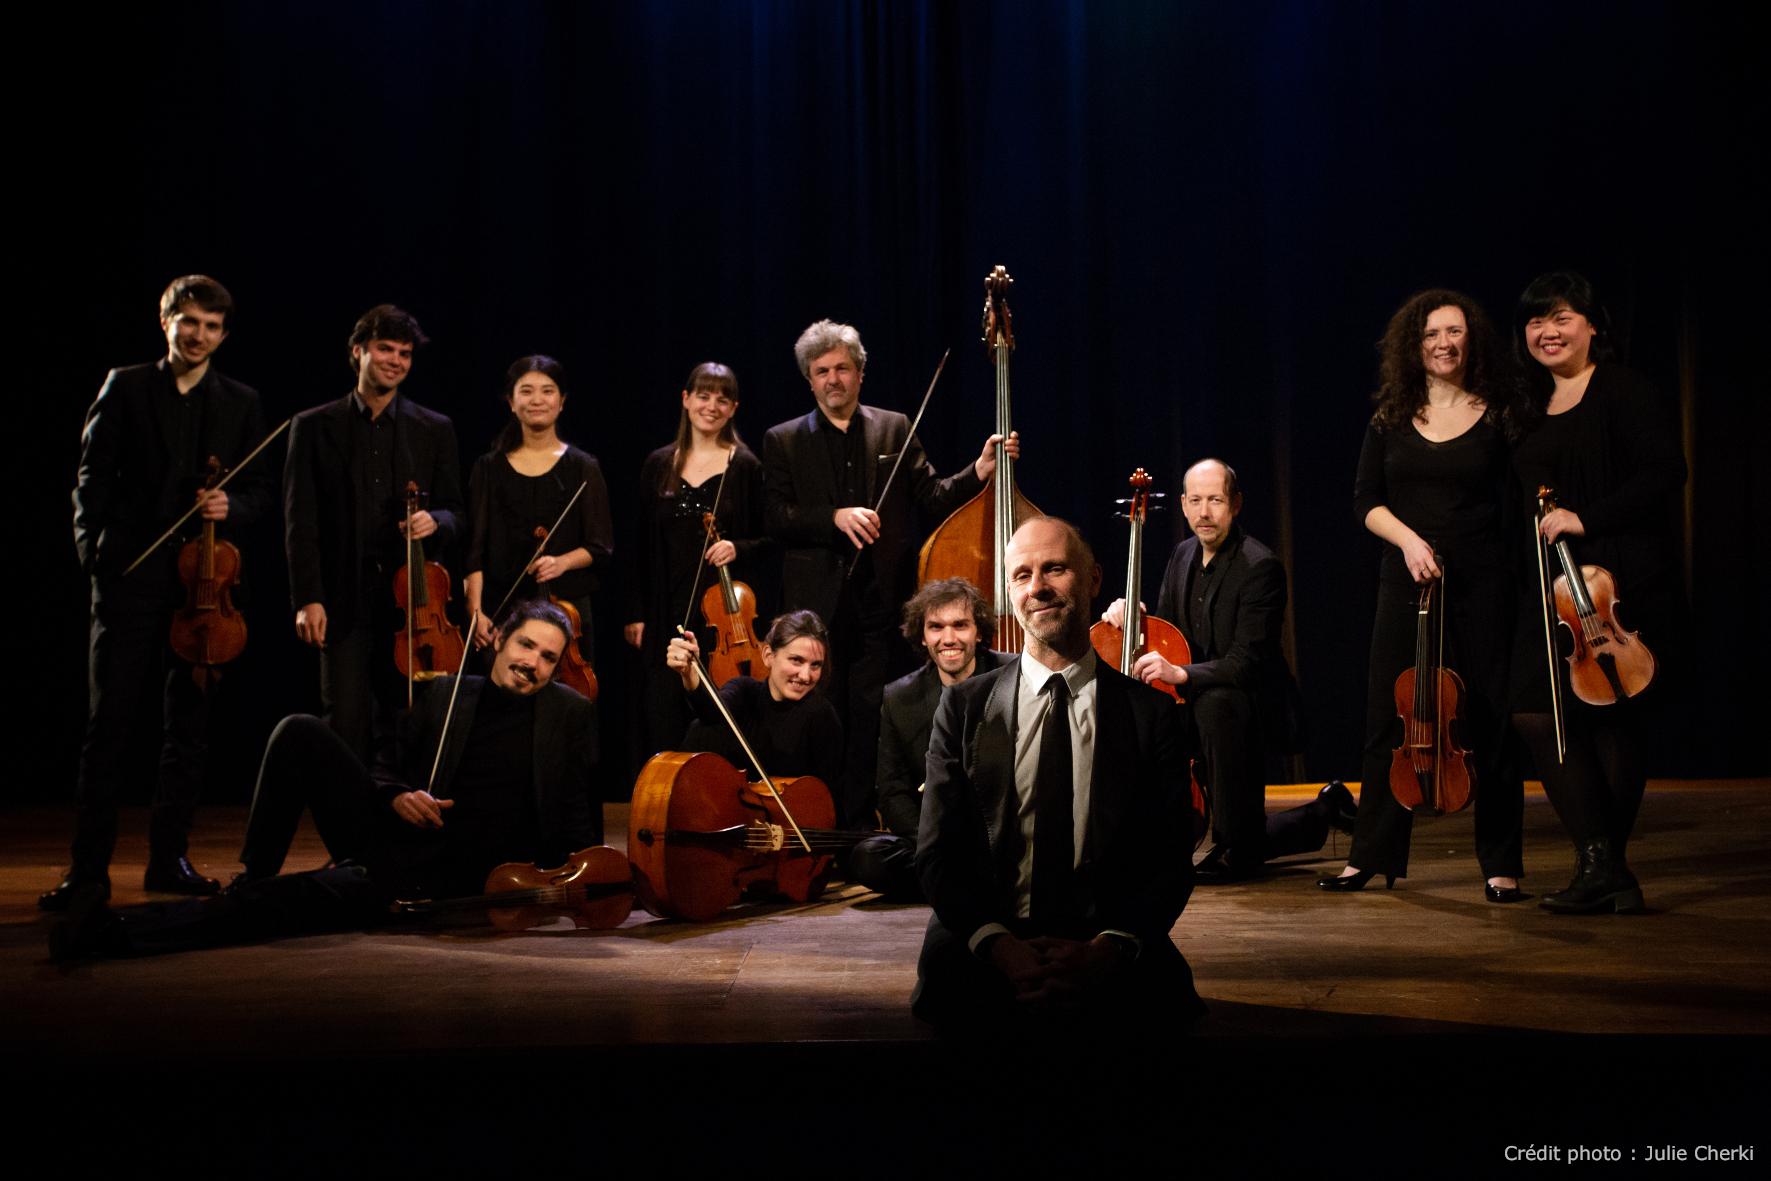 concert-hostel-dieu-credit-Julie-Cherki-web